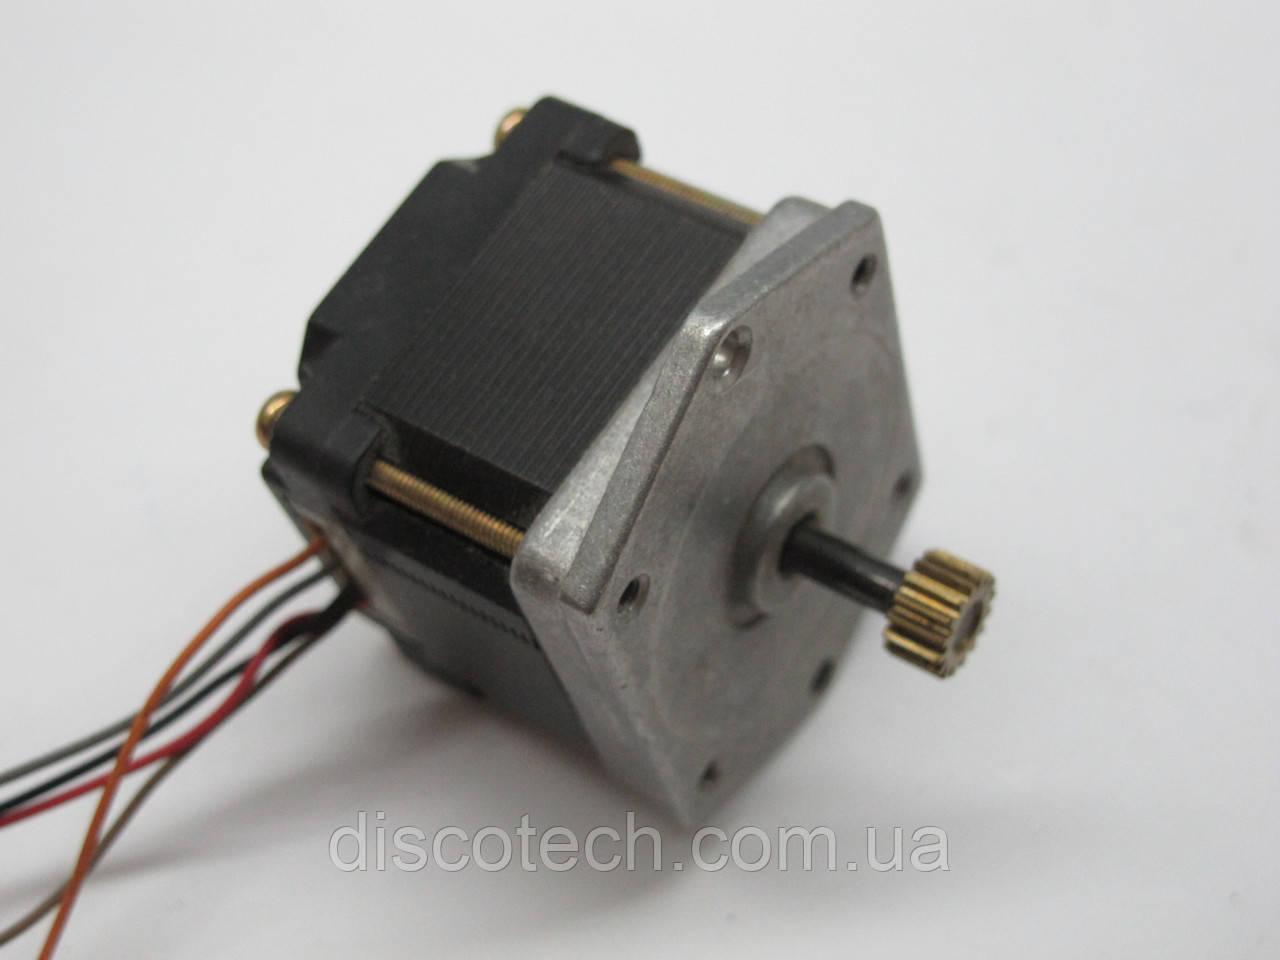 Двигатель шаговый уп 1,8 ф4,0/ 50 Ом EM-151